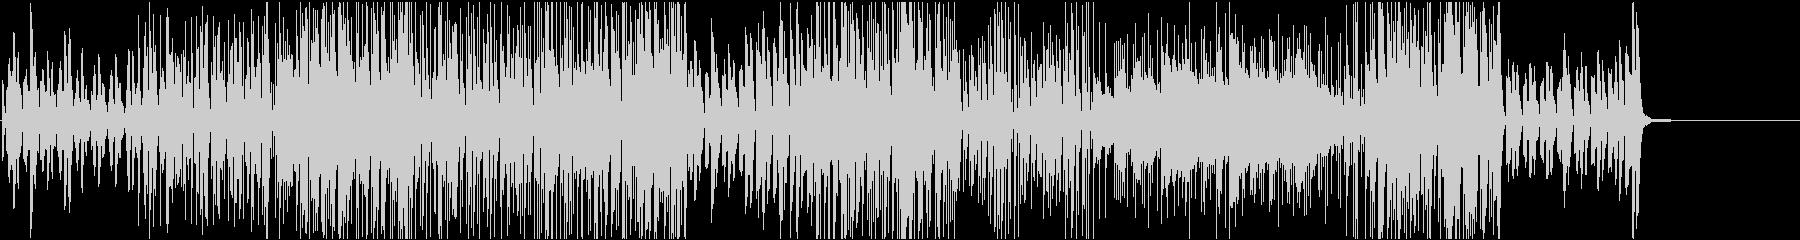 映像BGM 激しいピアノのジャズロックの未再生の波形